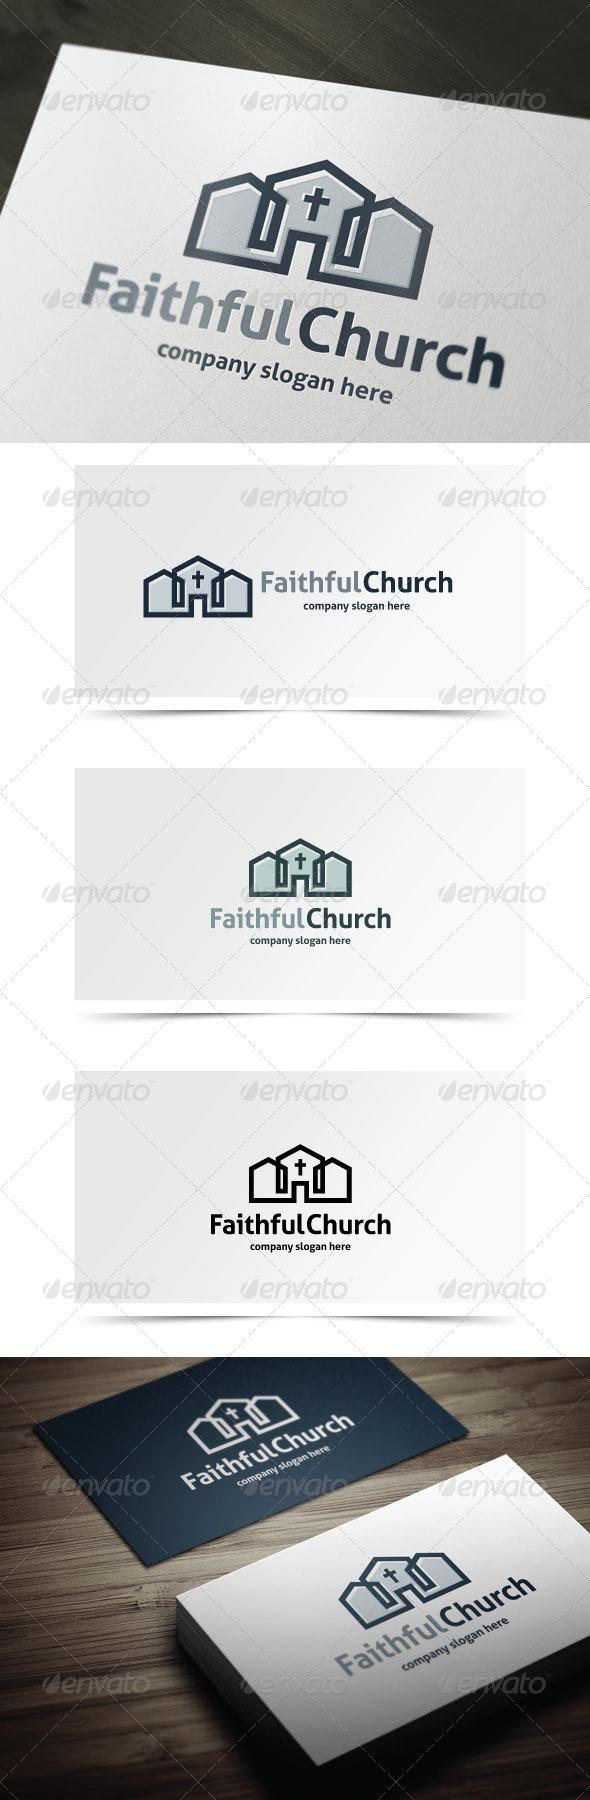 Faithful Church